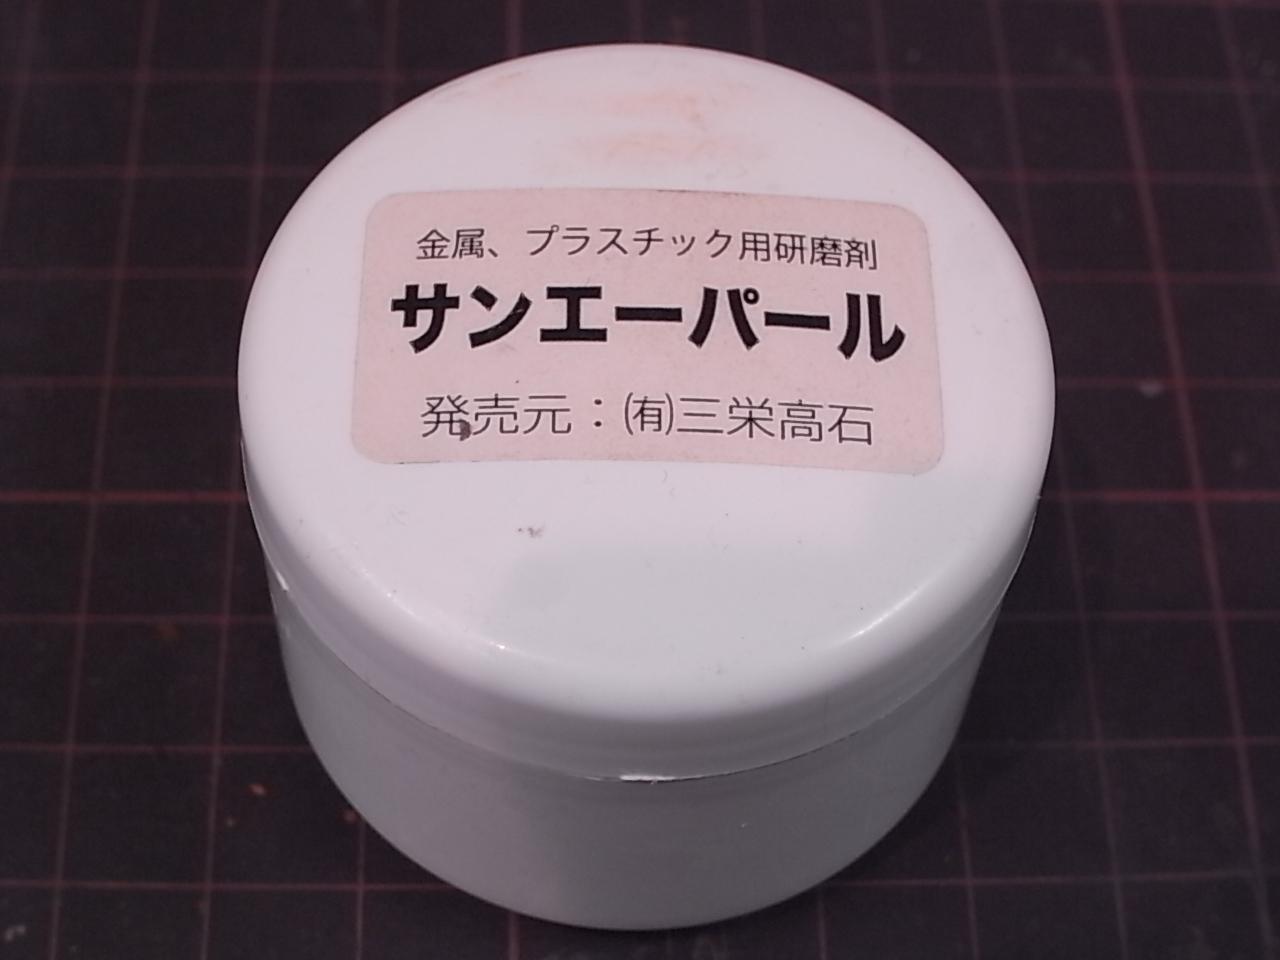 プラスチック風防磨きのコツ_d0289814_12290321.jpg